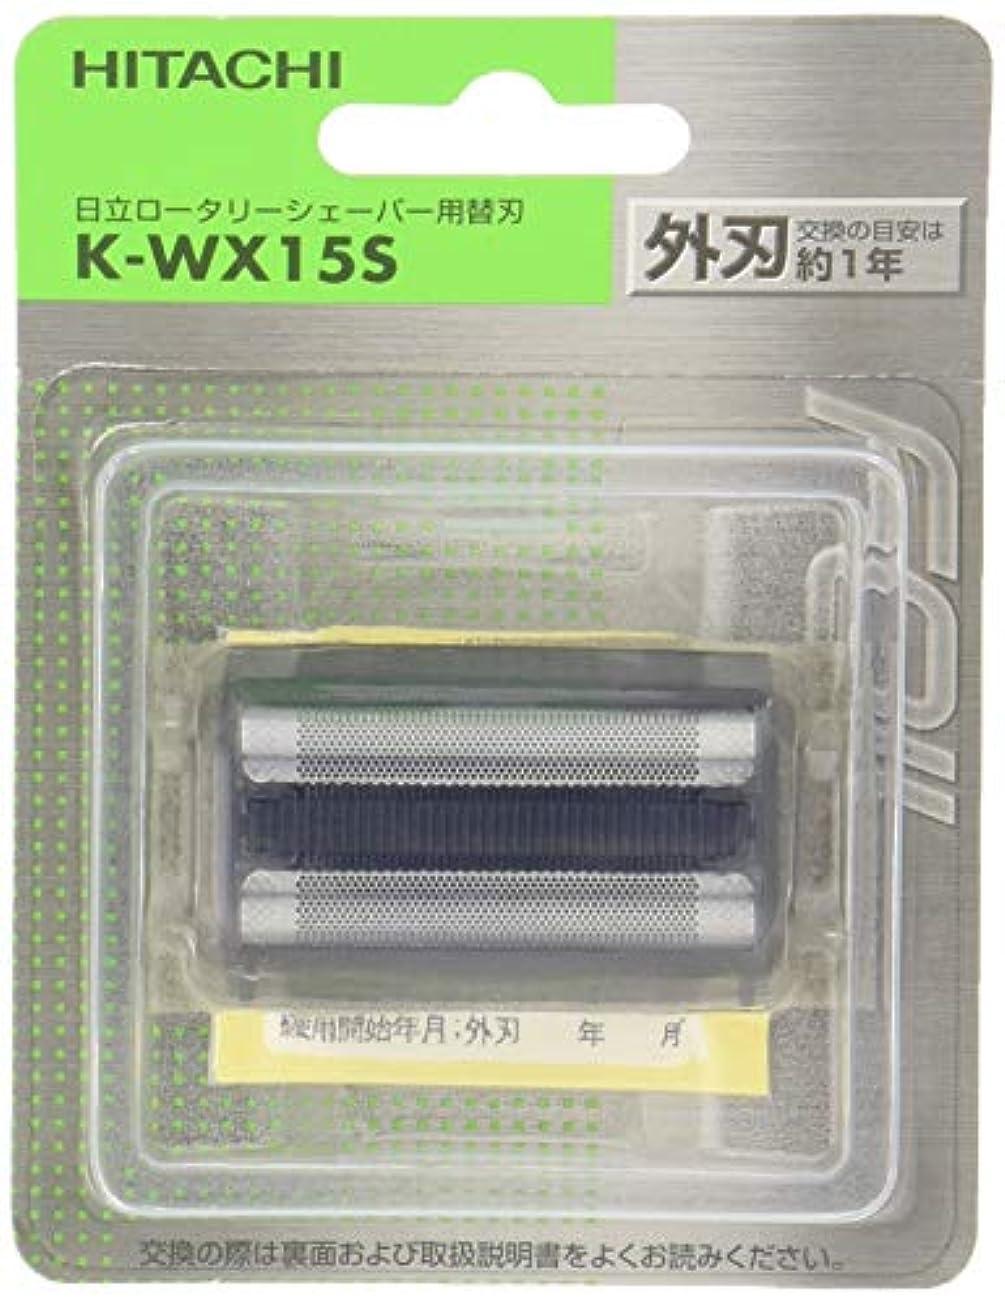 閉じる取り除くサミット日立 替刃 外刃 K-WX15S